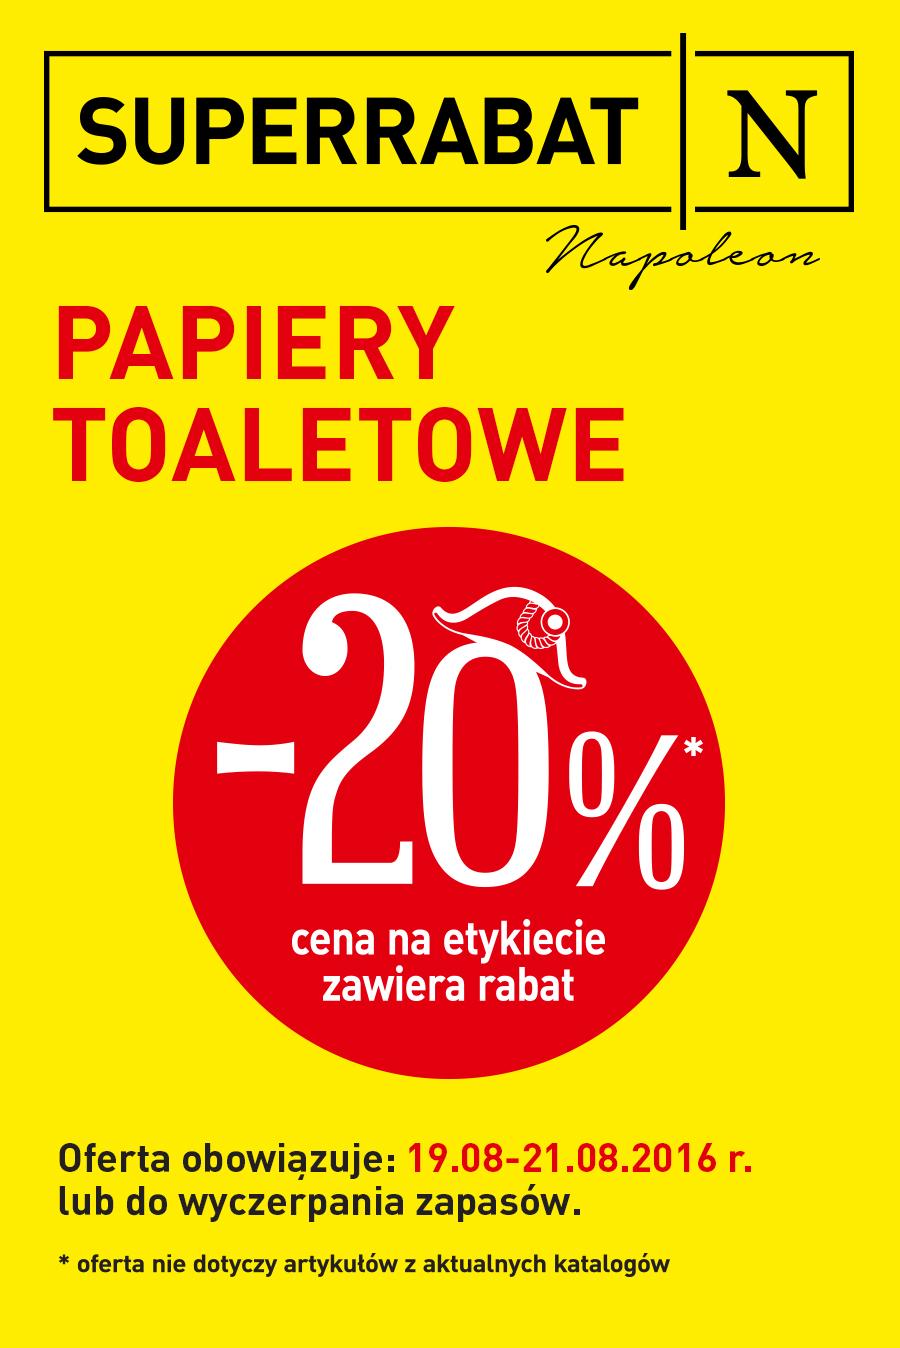 Papiery toaletowe -20% @ Carrefour